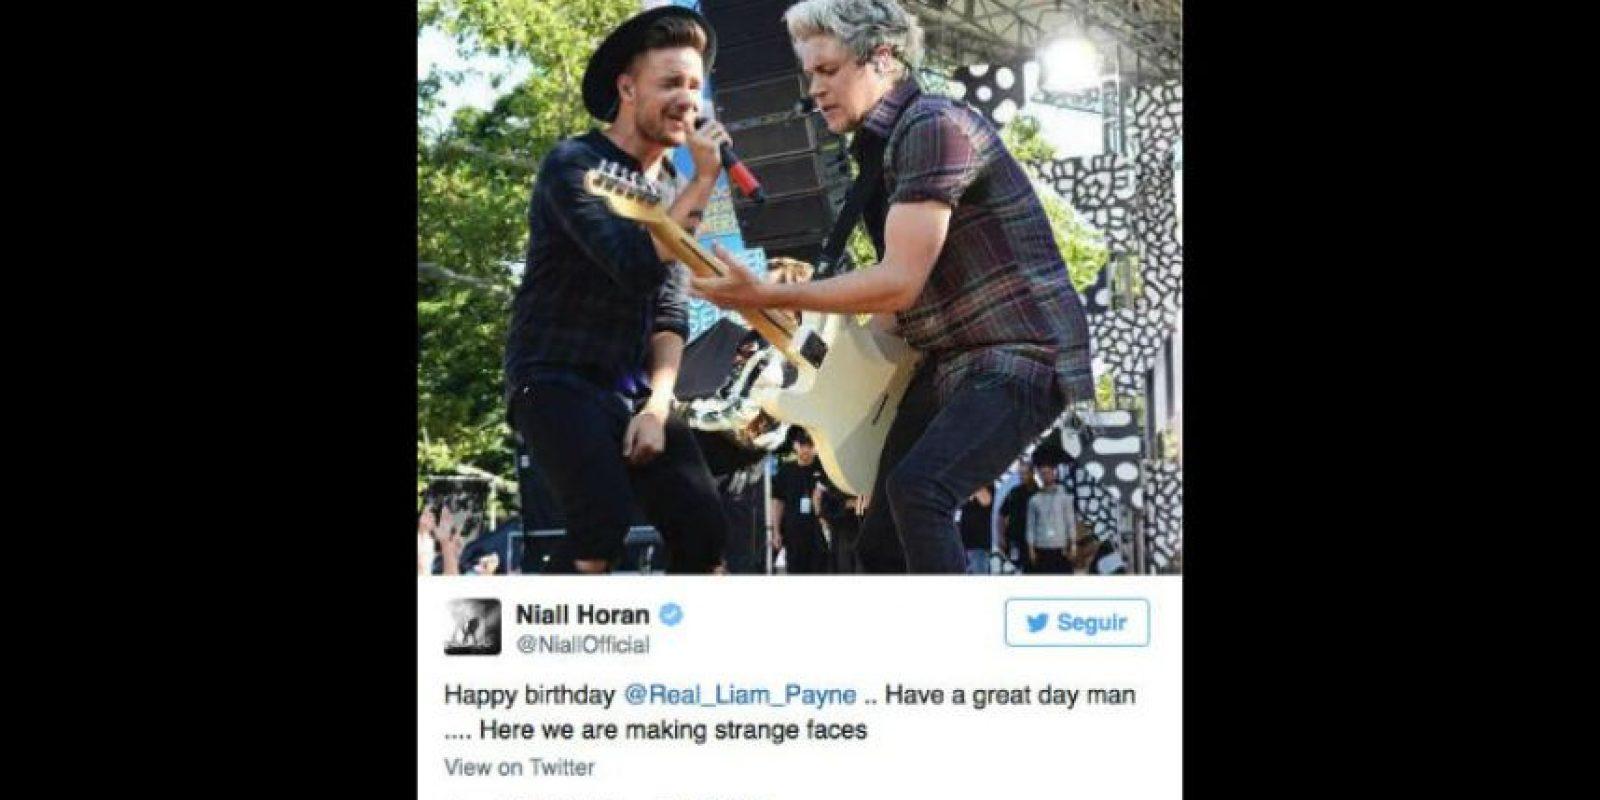 El cantante le dedicó esta divertida imagen a su amigo, Liam Payne en su cumpleaños. Foto:vía twitter.com/niallhoran